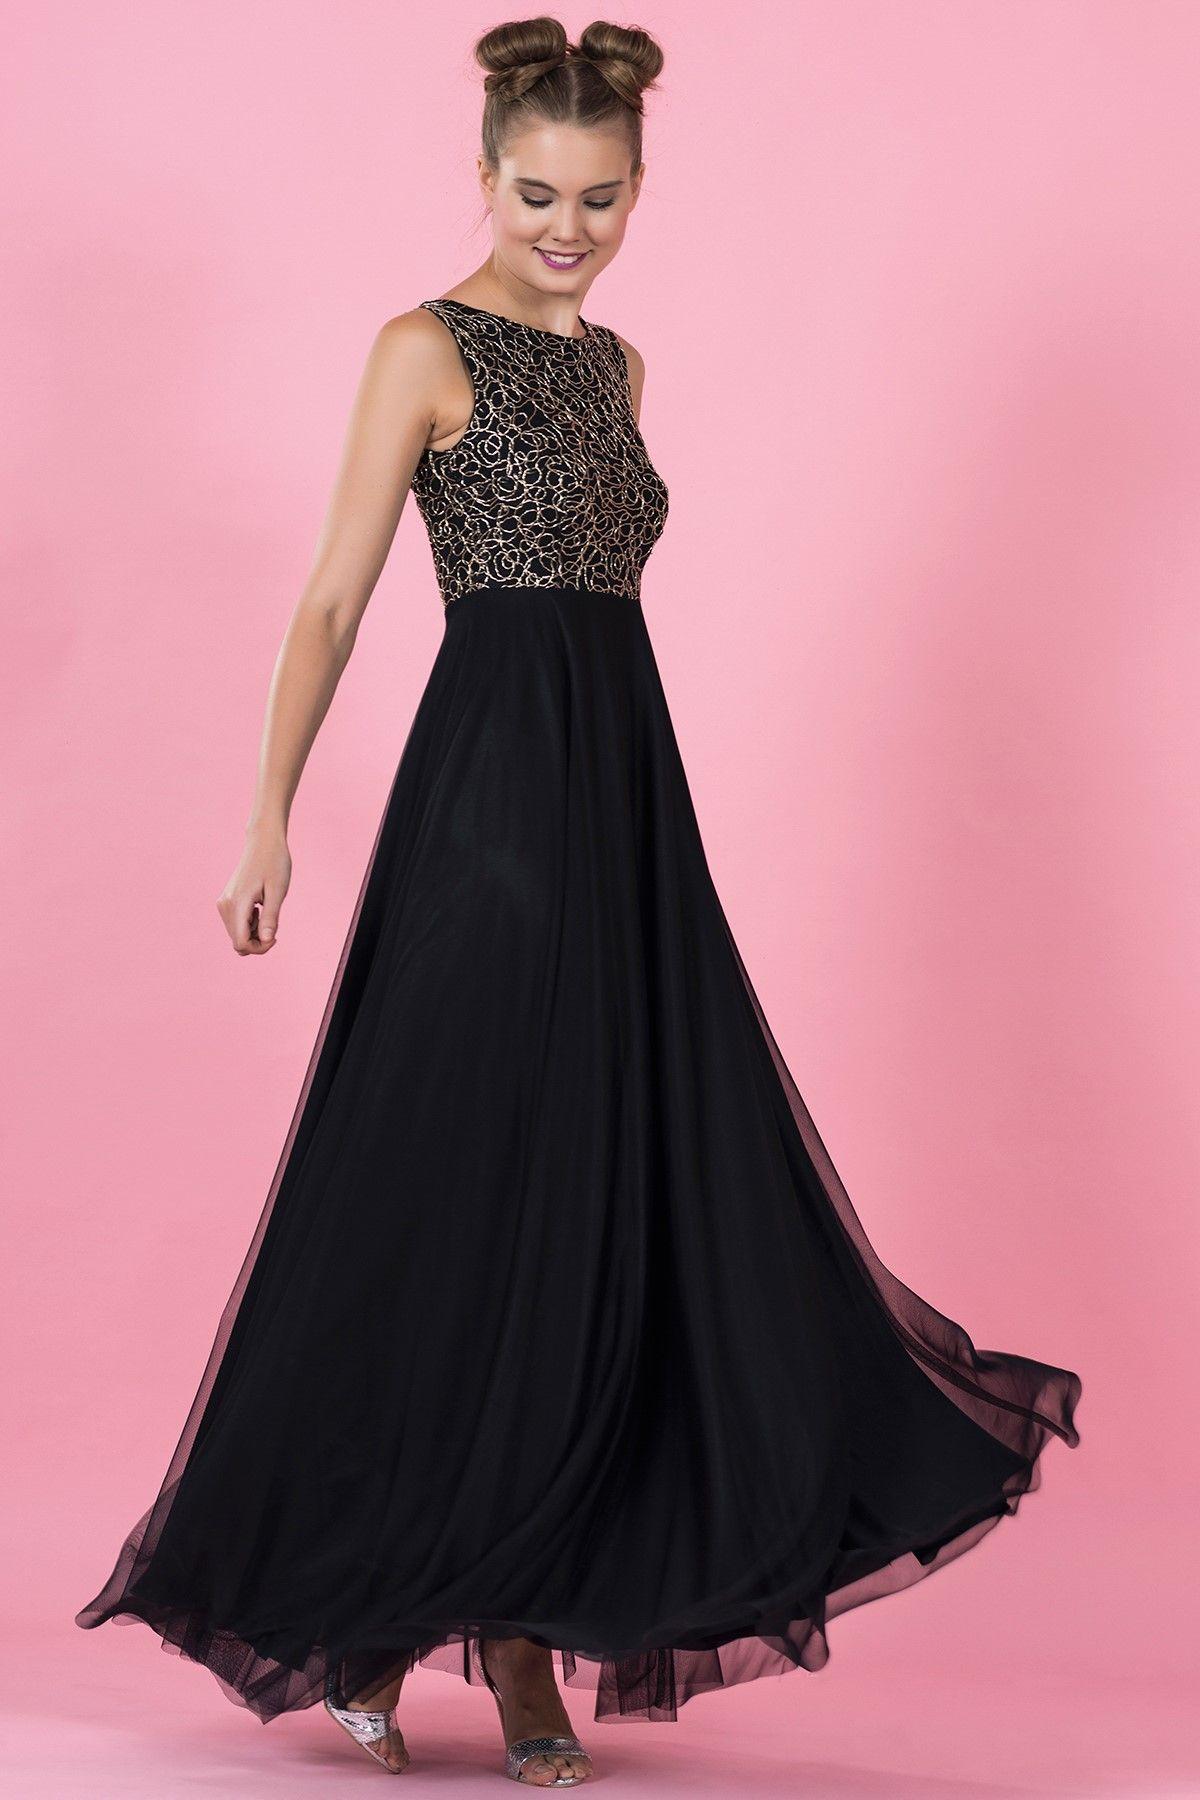 8f7cf2a3d01c1 Siyah Altın Rengi Parlak İşlemeli Uzun Abiye Elbise 5021-1085 İroni |  Trendyol